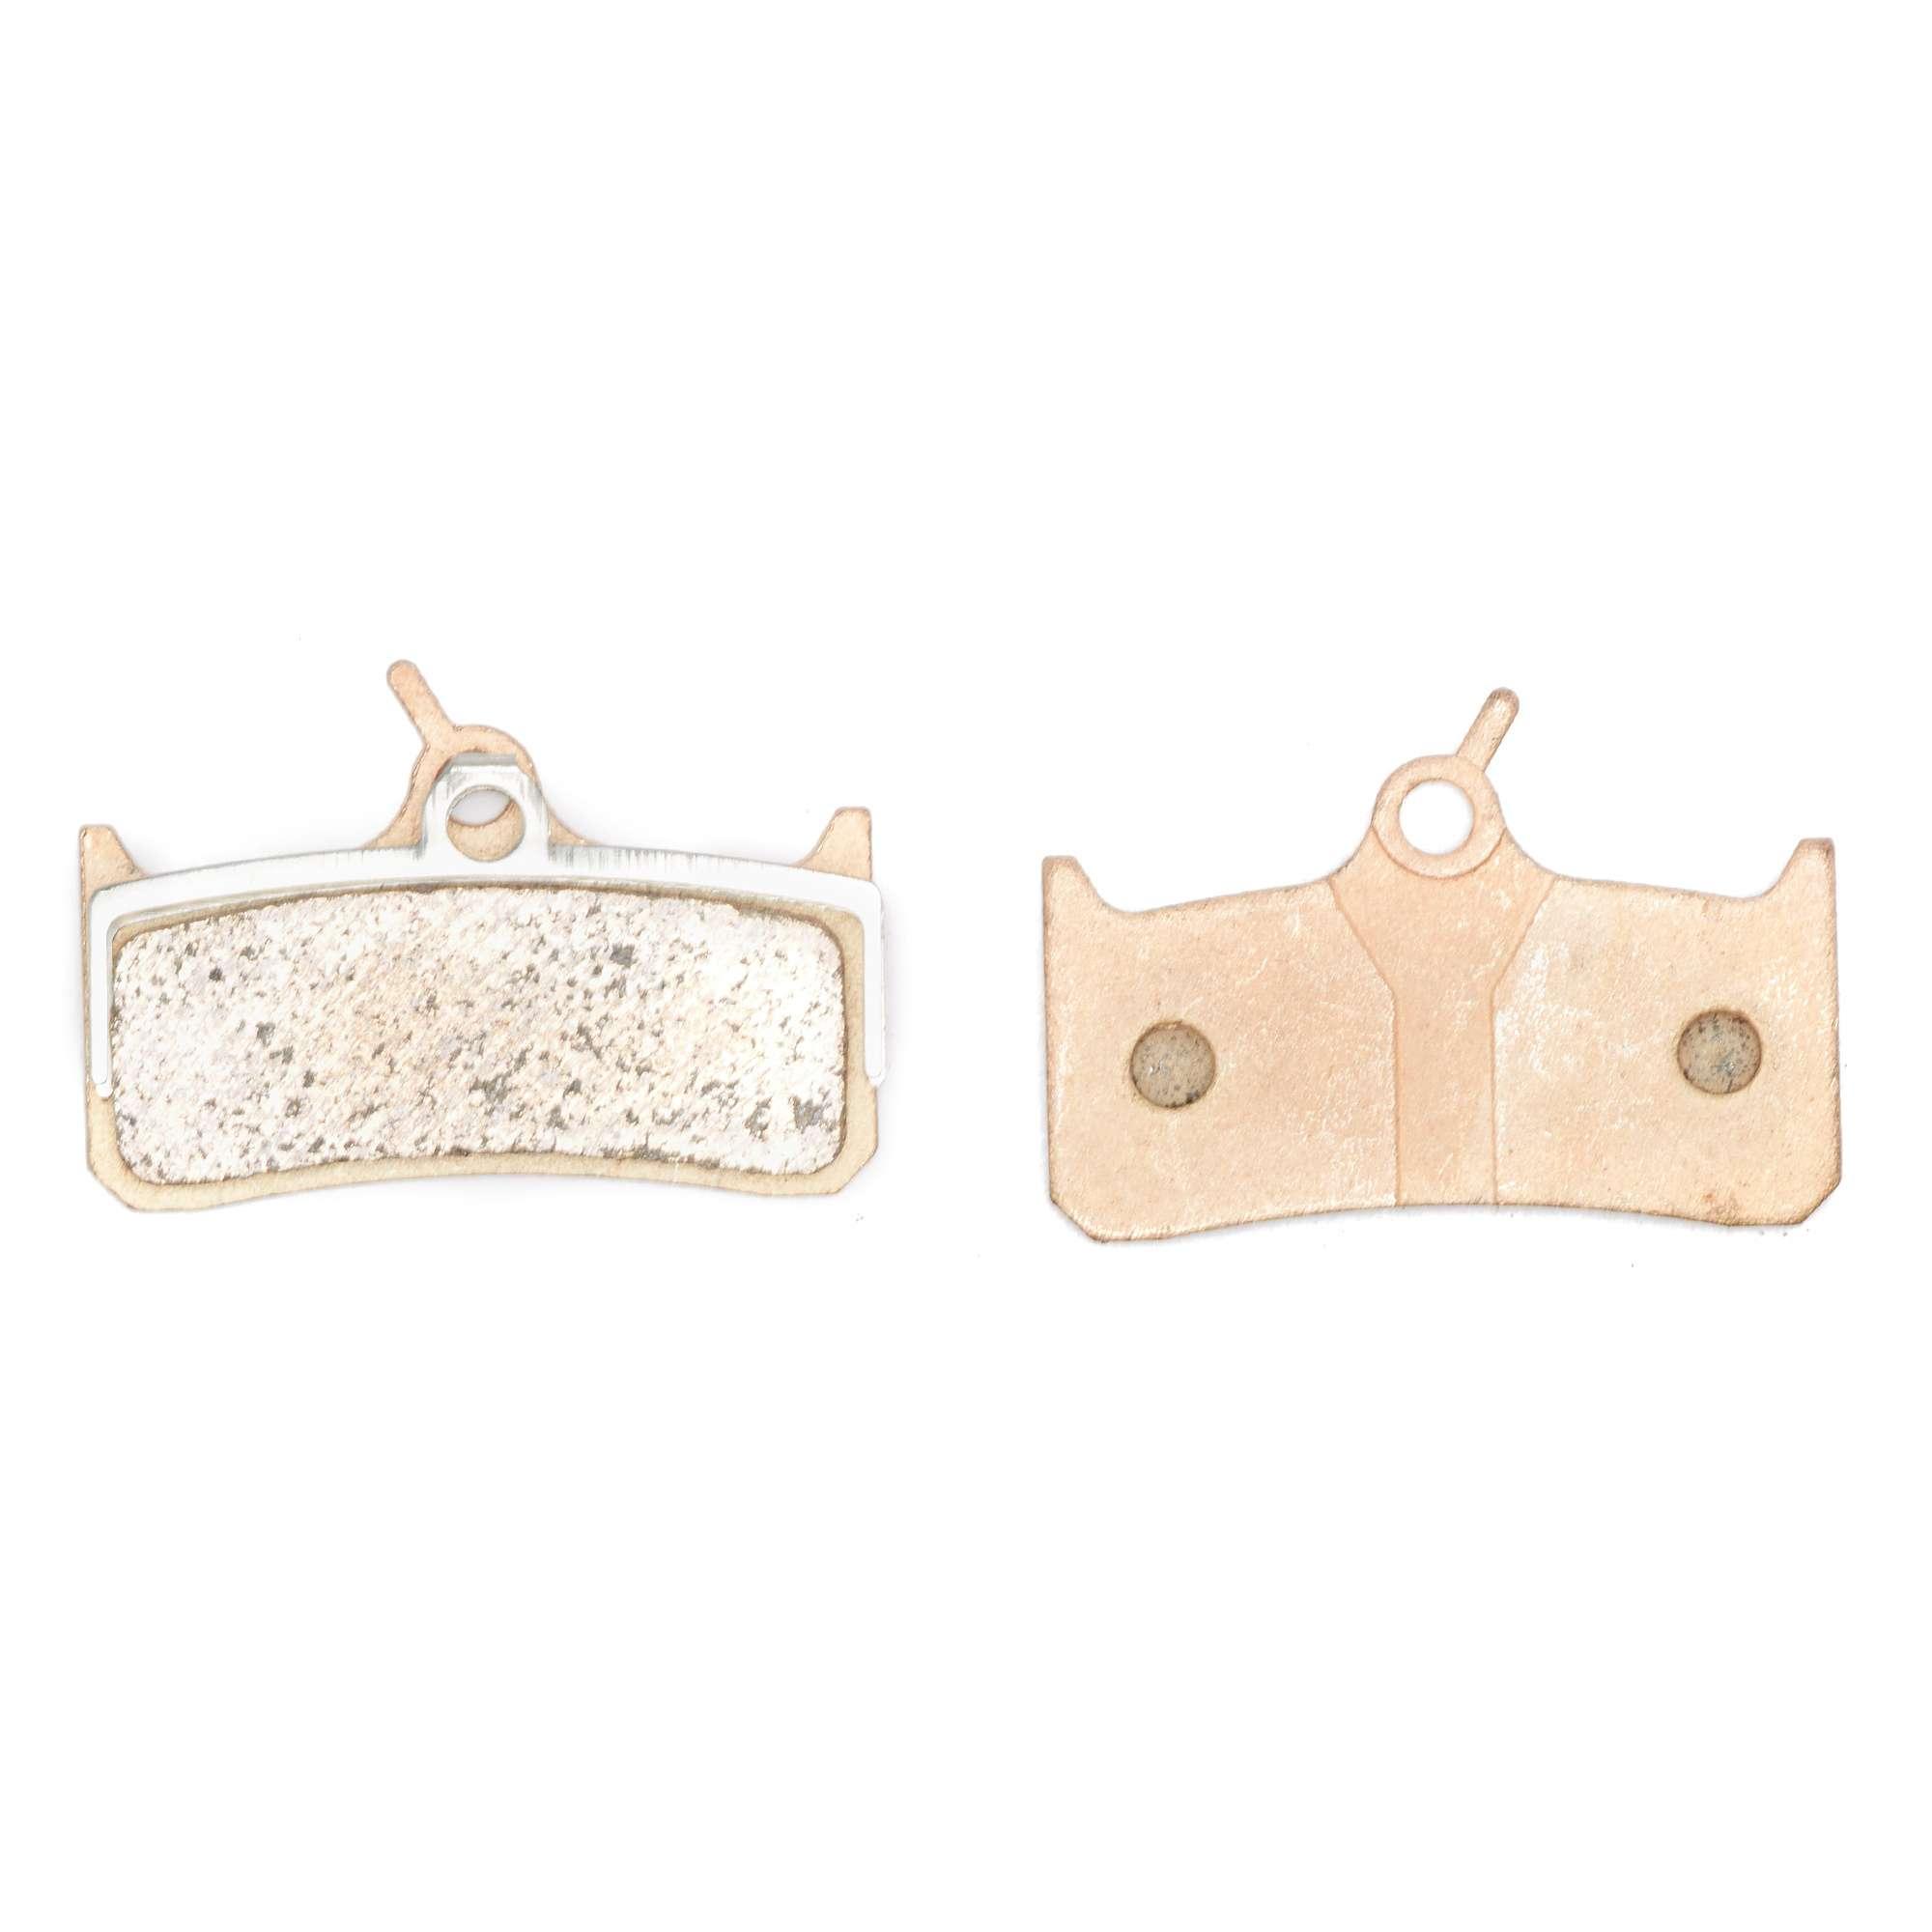 CLARKS Sintered Brake Pad